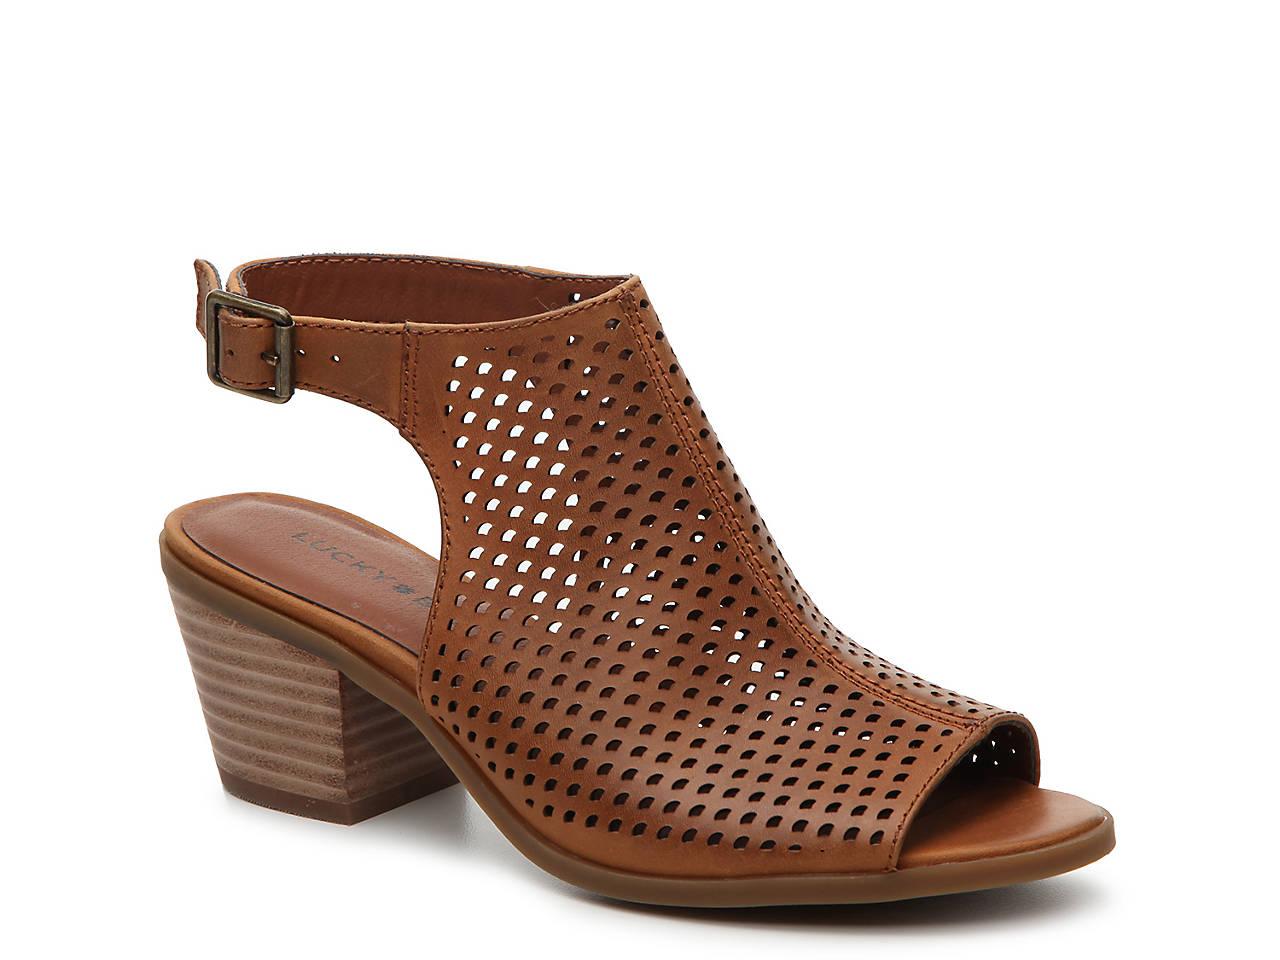 203134f2b14b Lucky Brand Bertel Sandal Women s Shoes